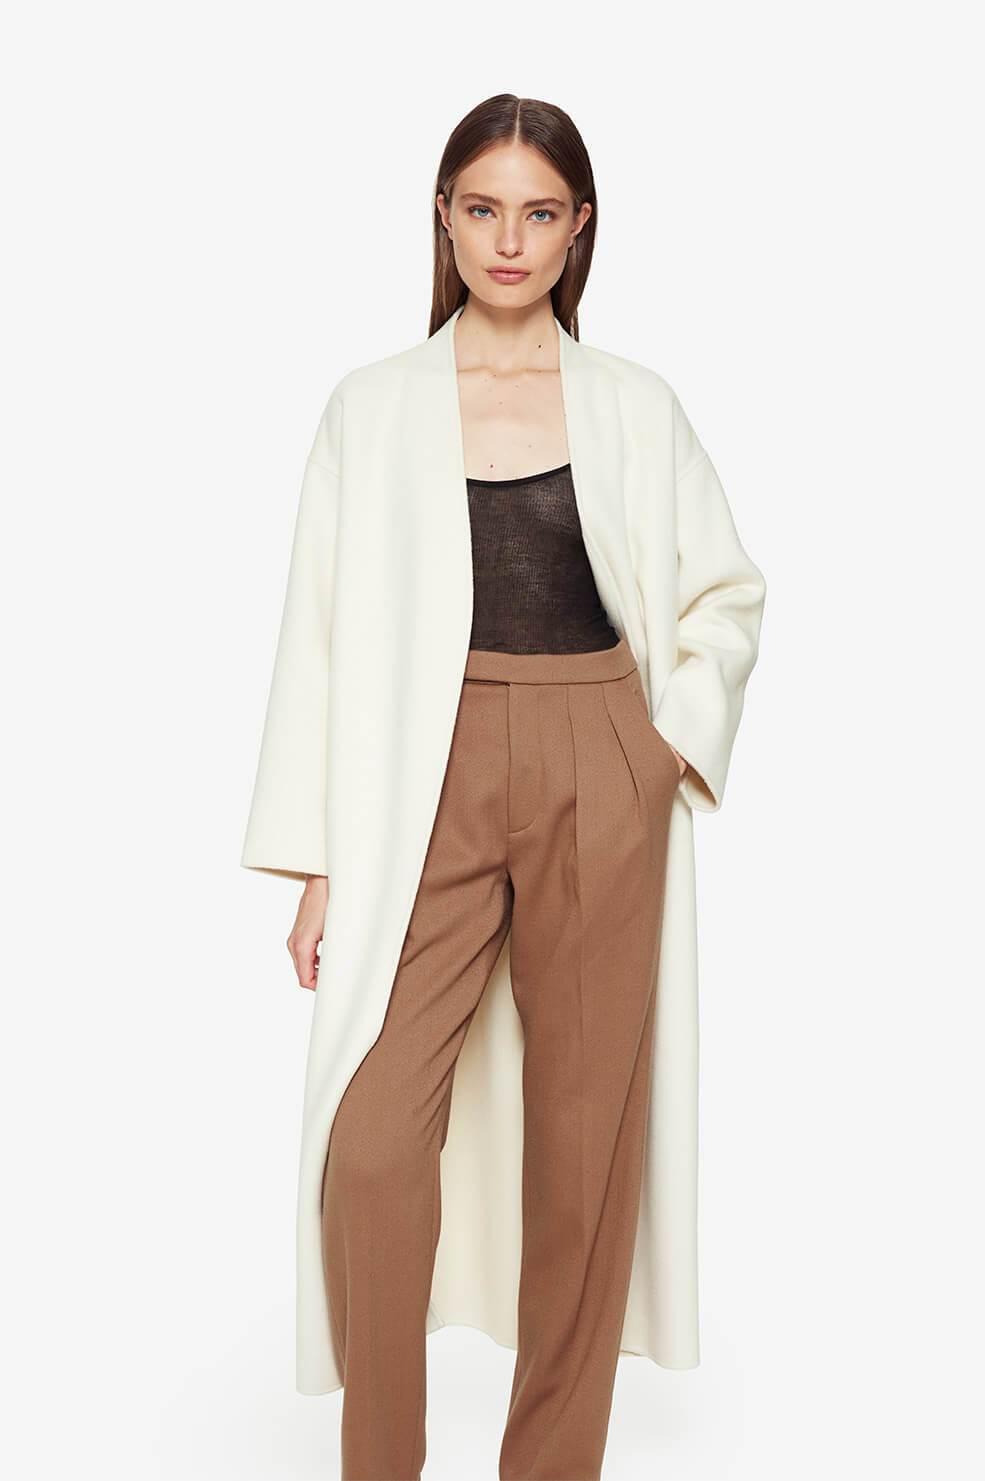 Woman in long white coat